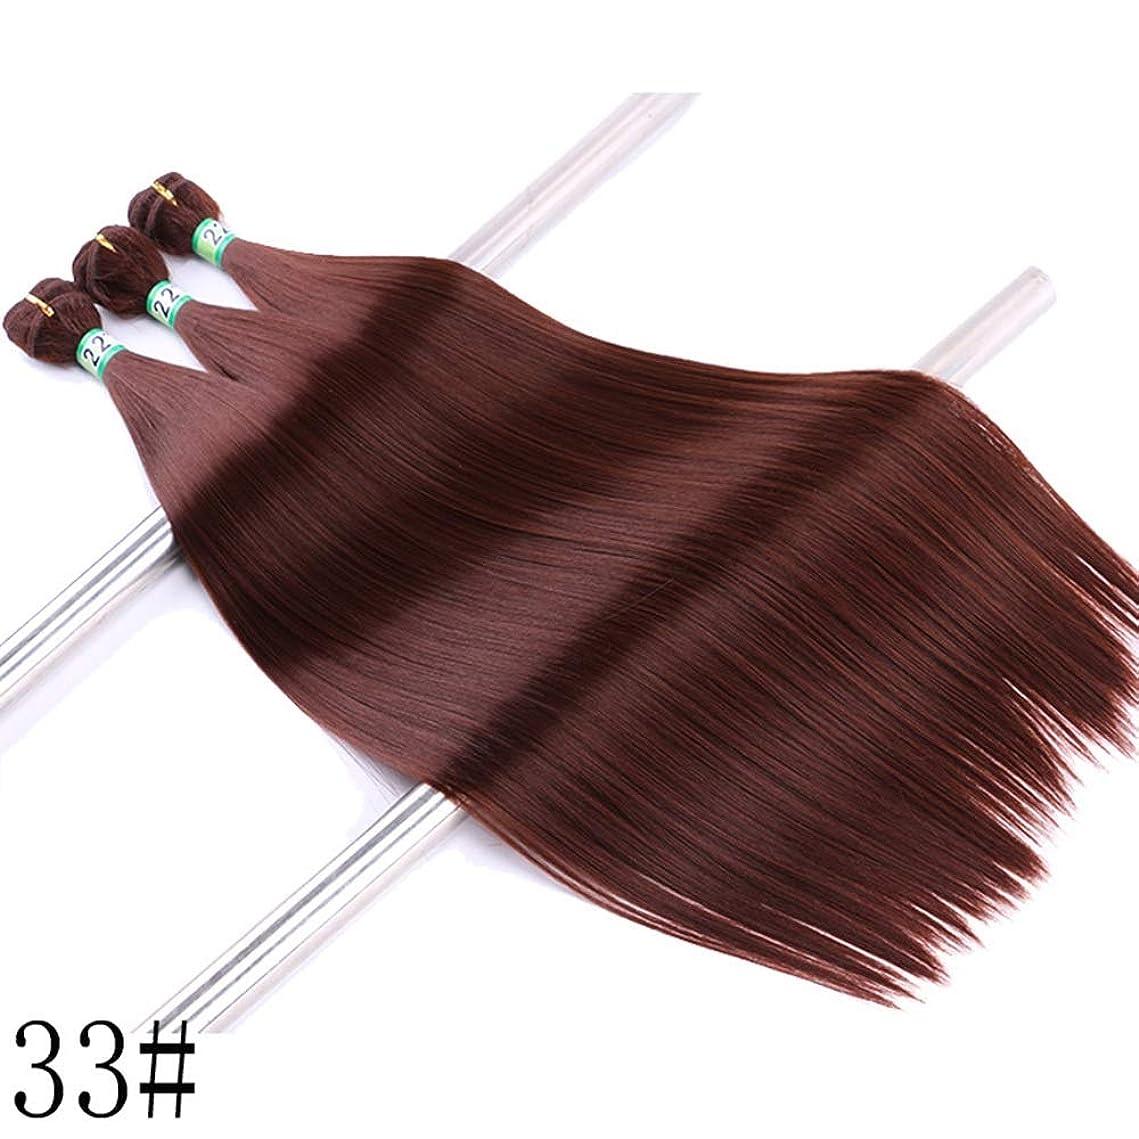 受け取るお勧め繁殖BOBIDYEE ヘアエクステンションブラジル織りバンドル18インチブラウンカラーレッドフルヘッドストレートヘア(3束)合成ヘアレースウィッグロールプレイングウィッグロング&ショート女性自然 (色 : Photo color, サイズ : 16inch)